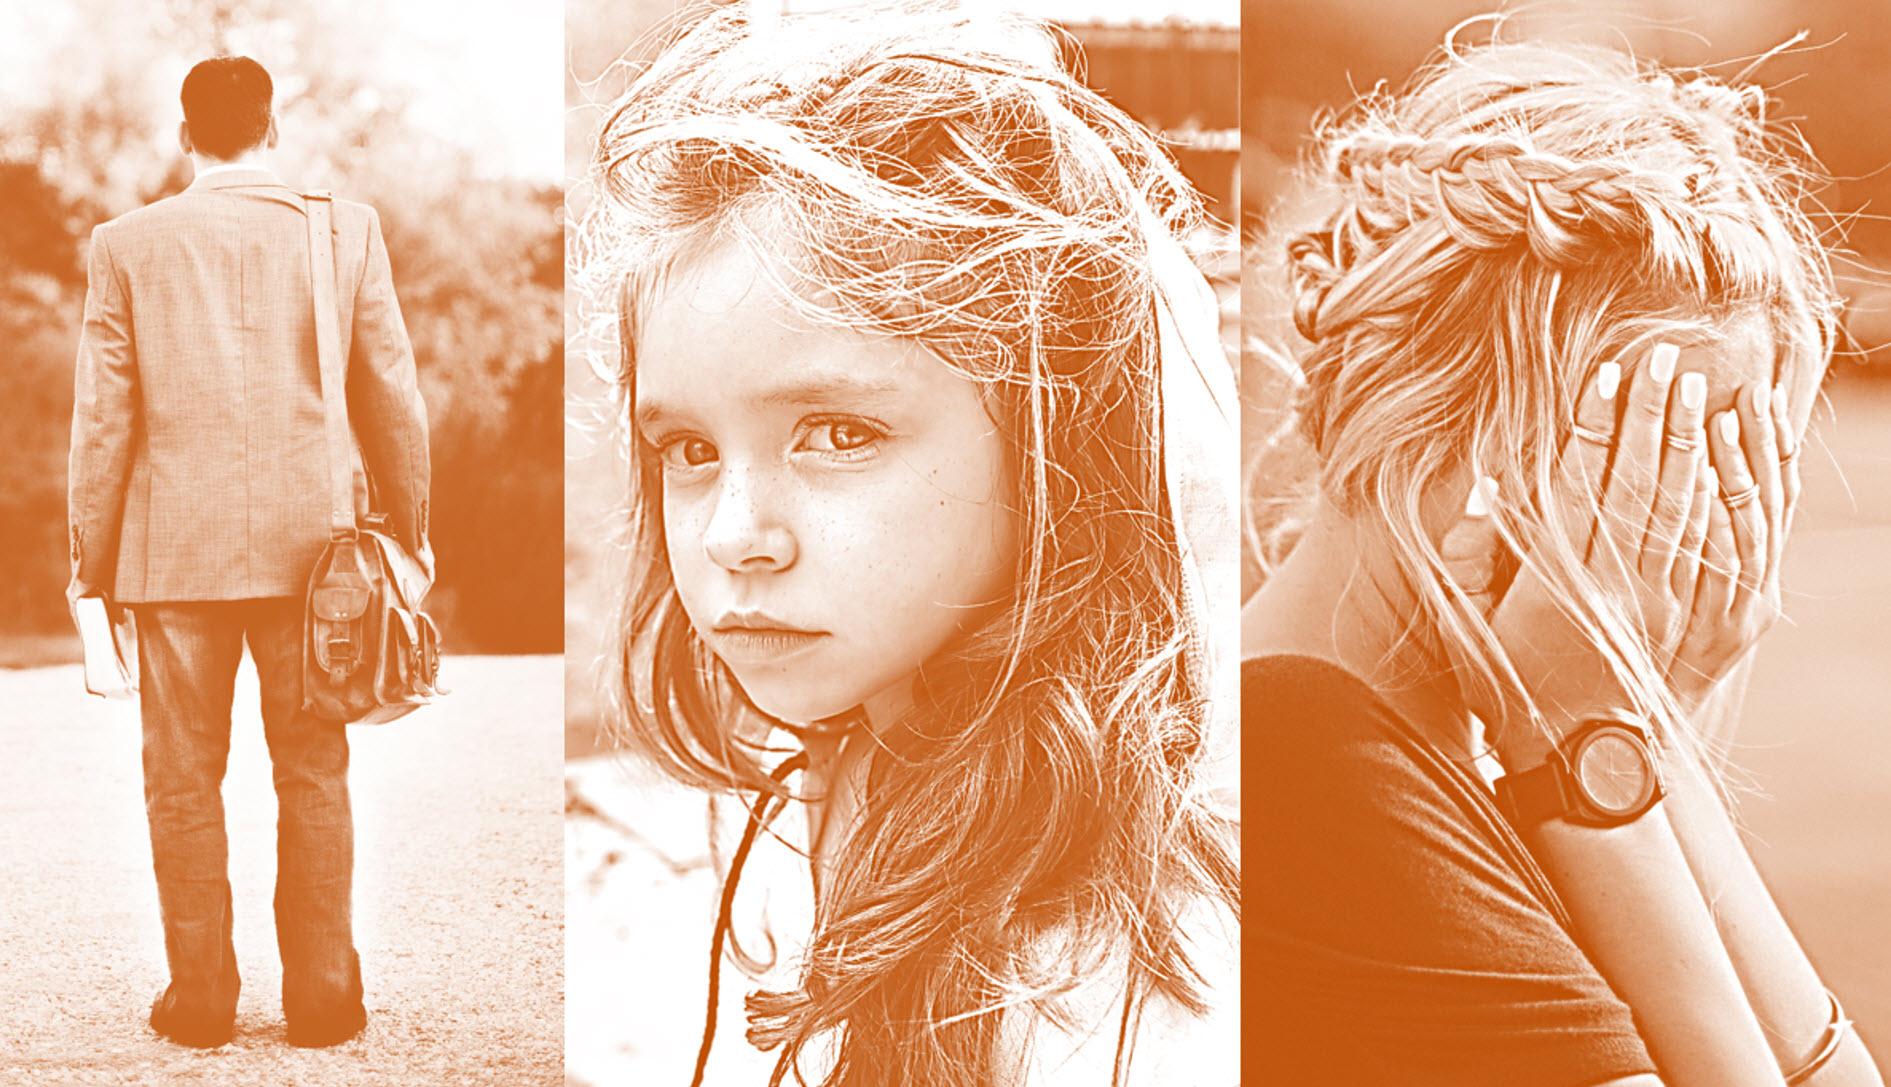 Barn och föräldrar skiljs rättsosäkert åt. Men föräldrar vet sällan hur de ska försvara sig. Vad gäller?